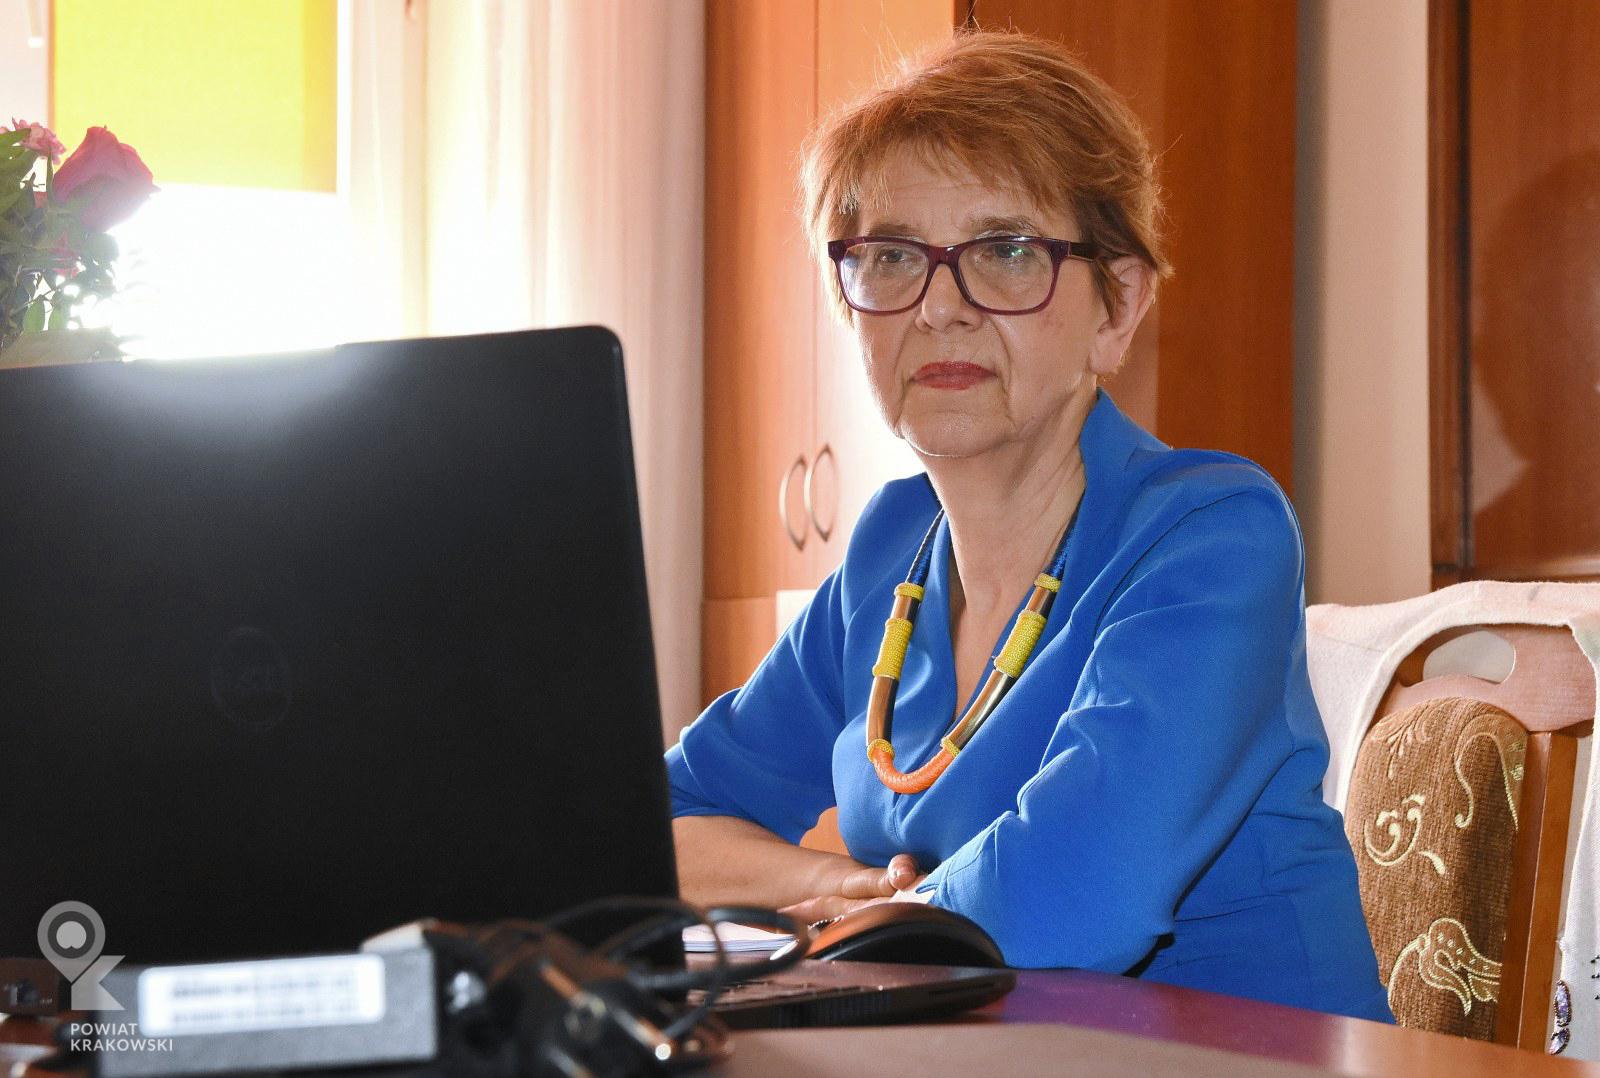 Dyrektor Wydziału Zarządzania Kryzysowego siedzi za biurkiem, przed nią otwarty laptop